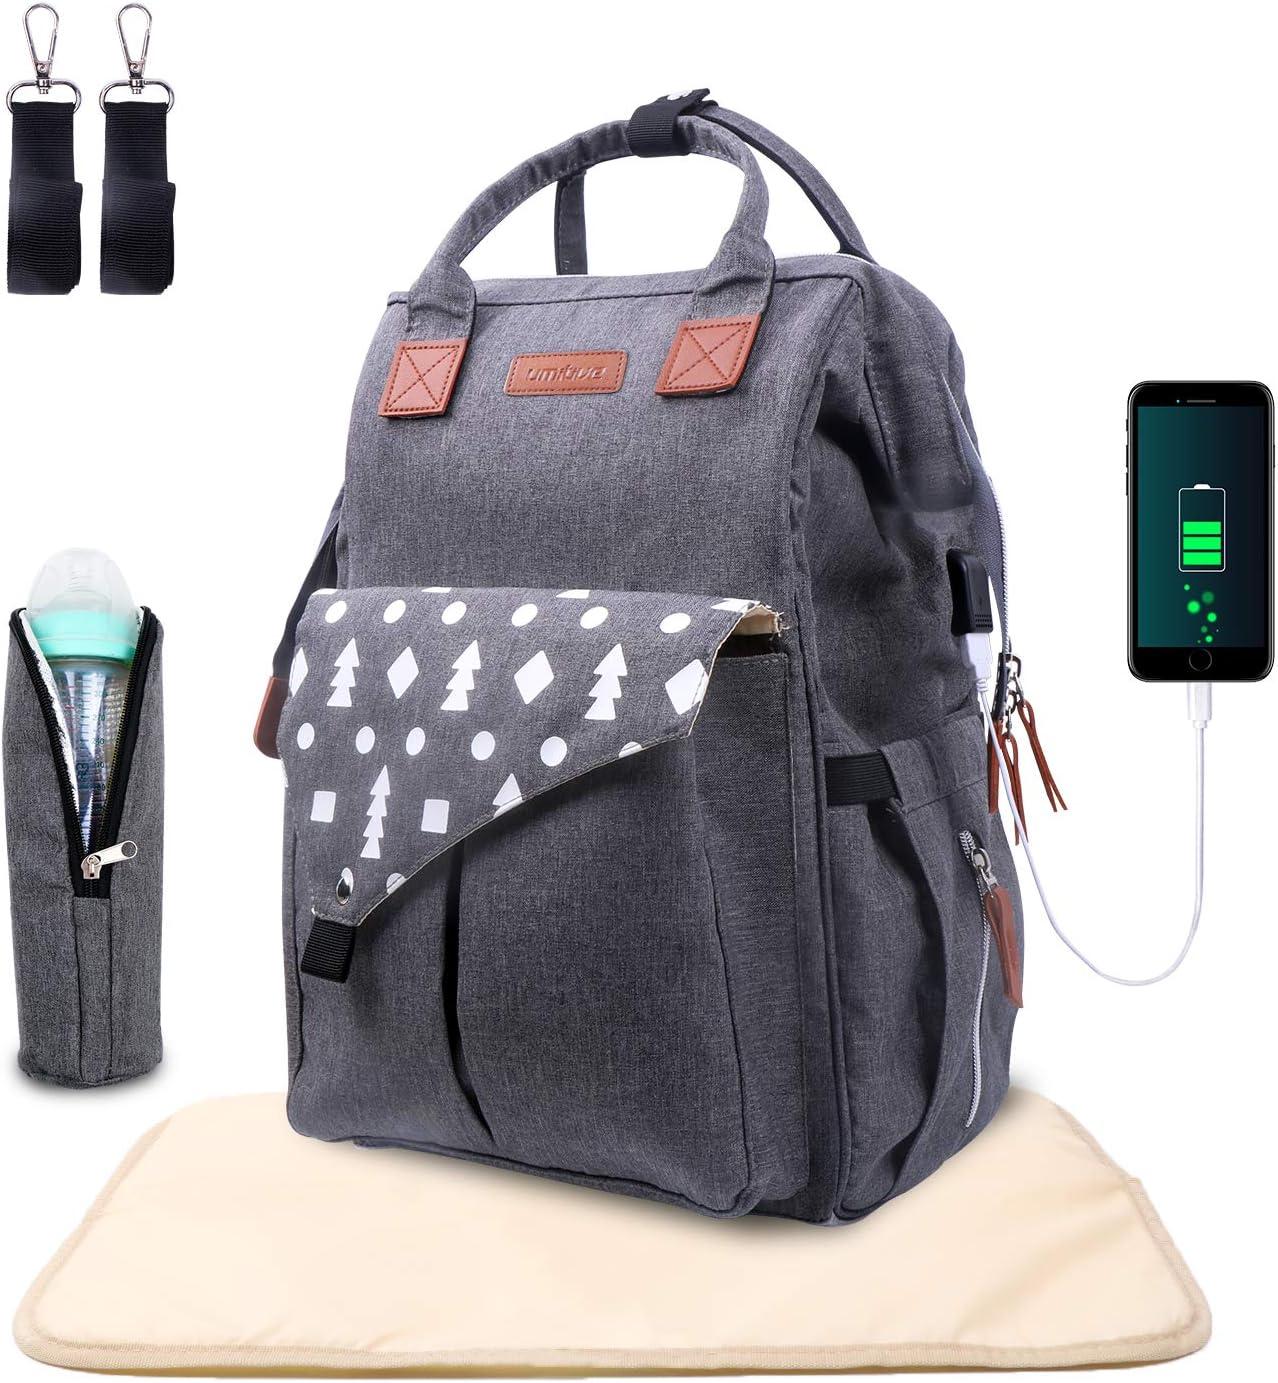 Umitive Mochilas de Pañales para Bebé, Maternal Bolso Multifuncional con USB de Viaje, Gran Capacidad, Impermeable, Enviar 2 Correas de Cochecito y 1 Cambiador y 1 Bolsa Aislante, Gris